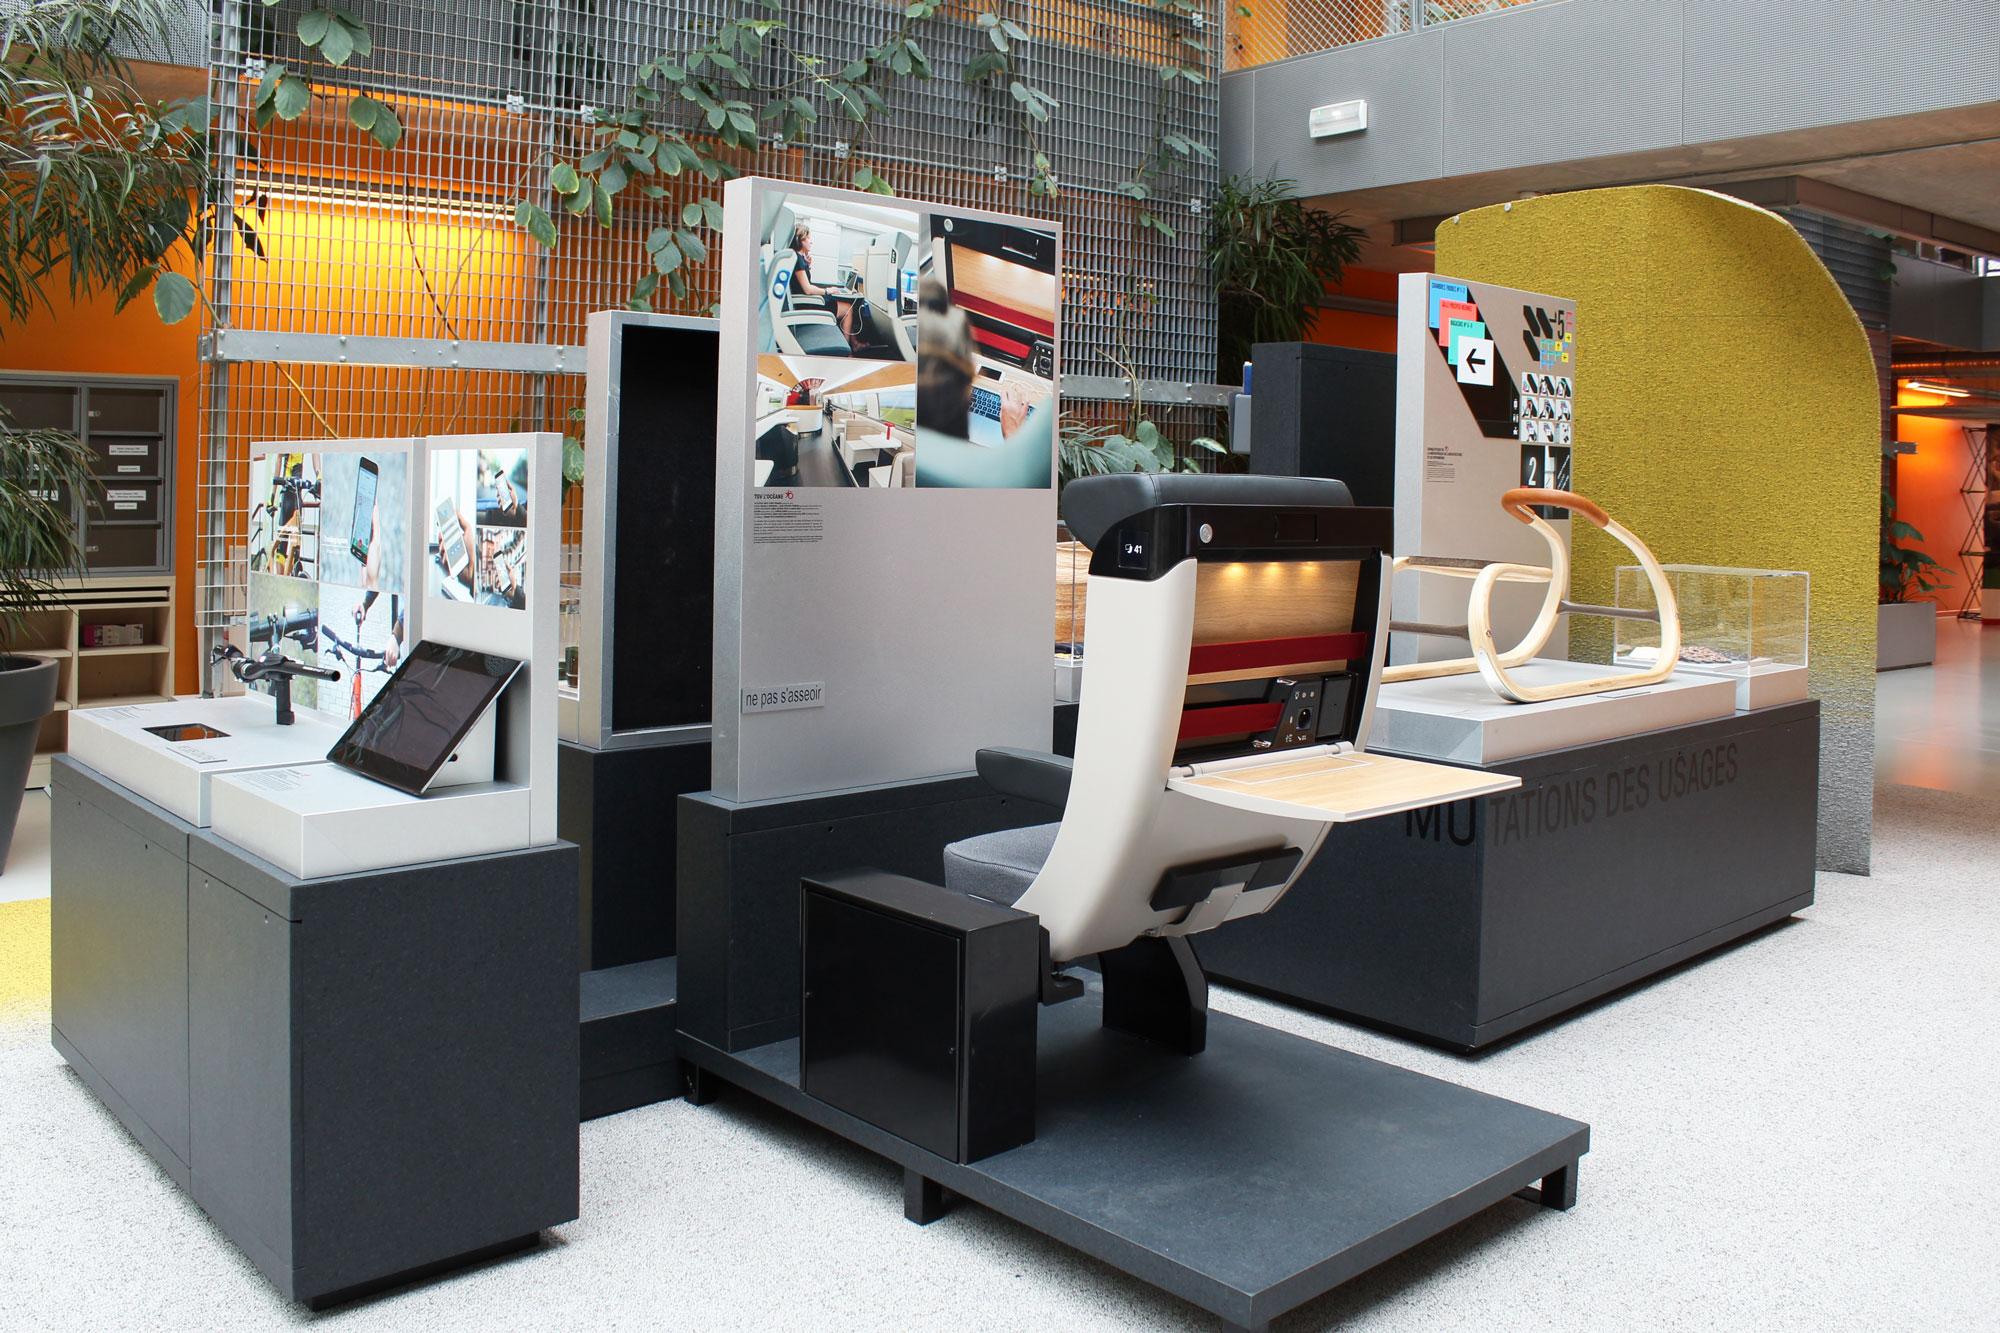 Exposition Observeur du design 2018 au Design Spot de l'Université Paris-Saclay